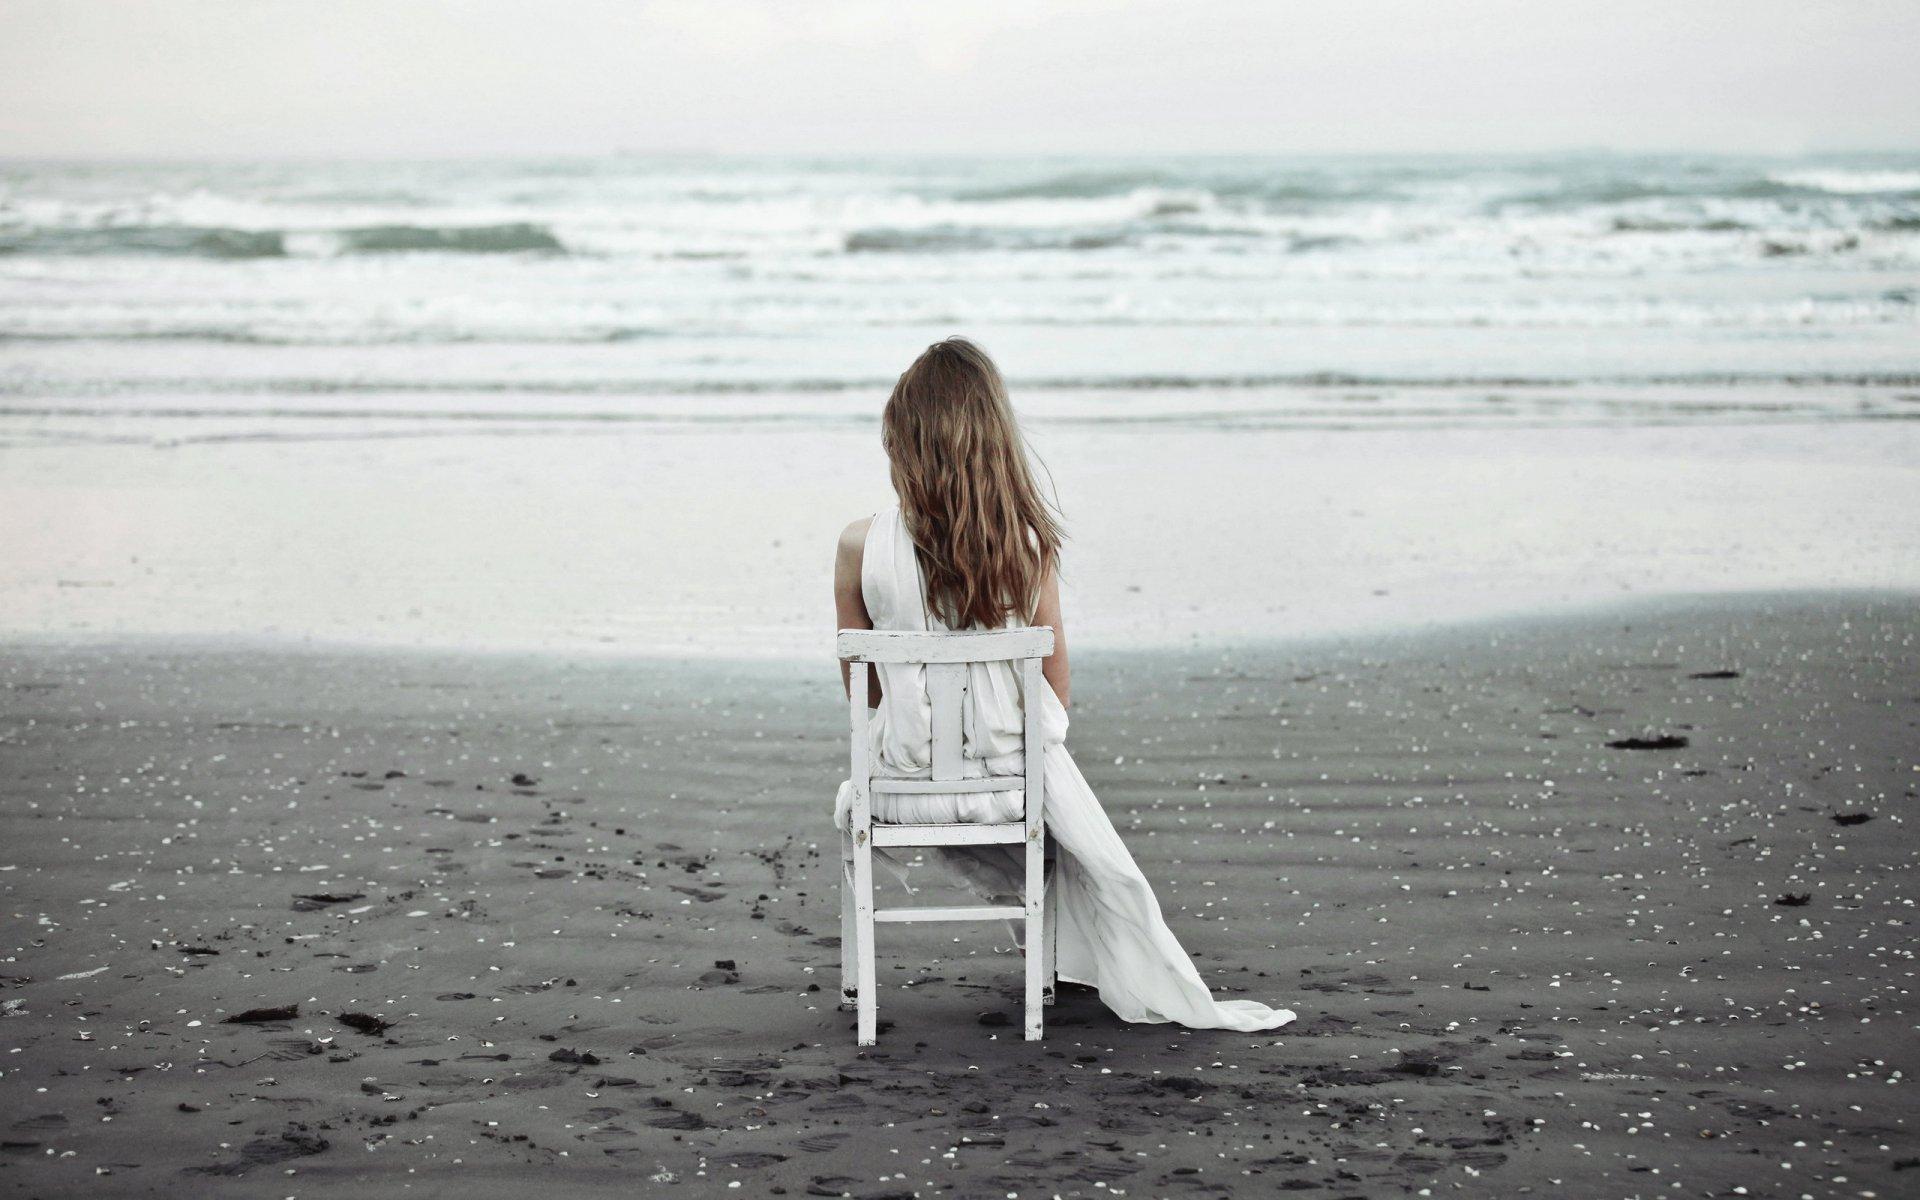 компе картинка ждет на берегу моря при подключении